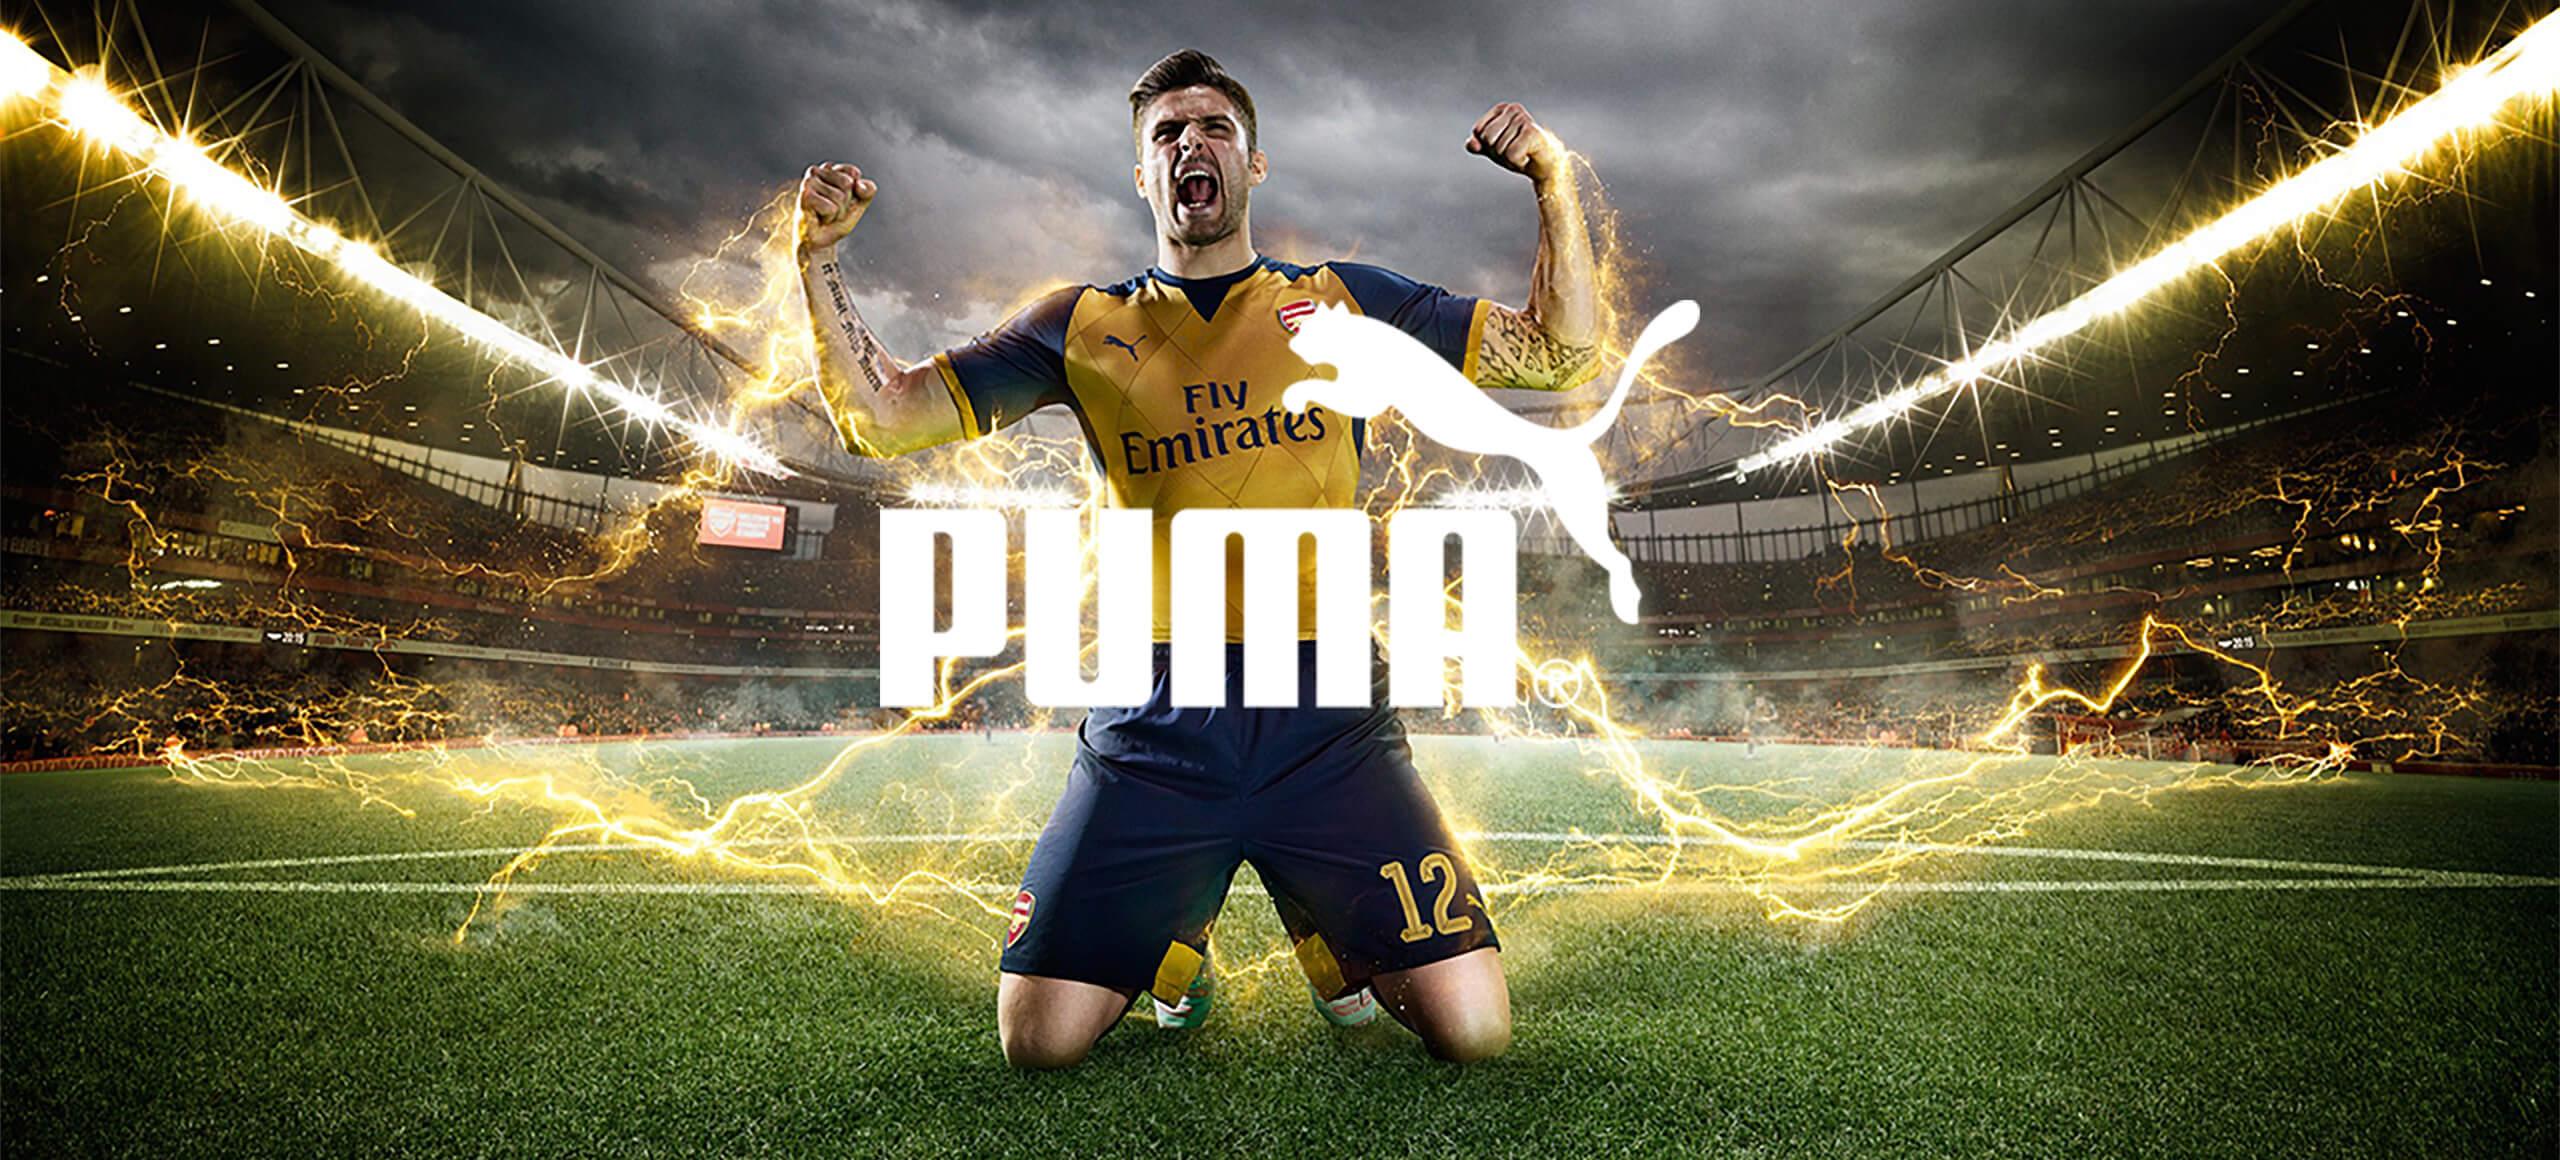 puma-footer2x